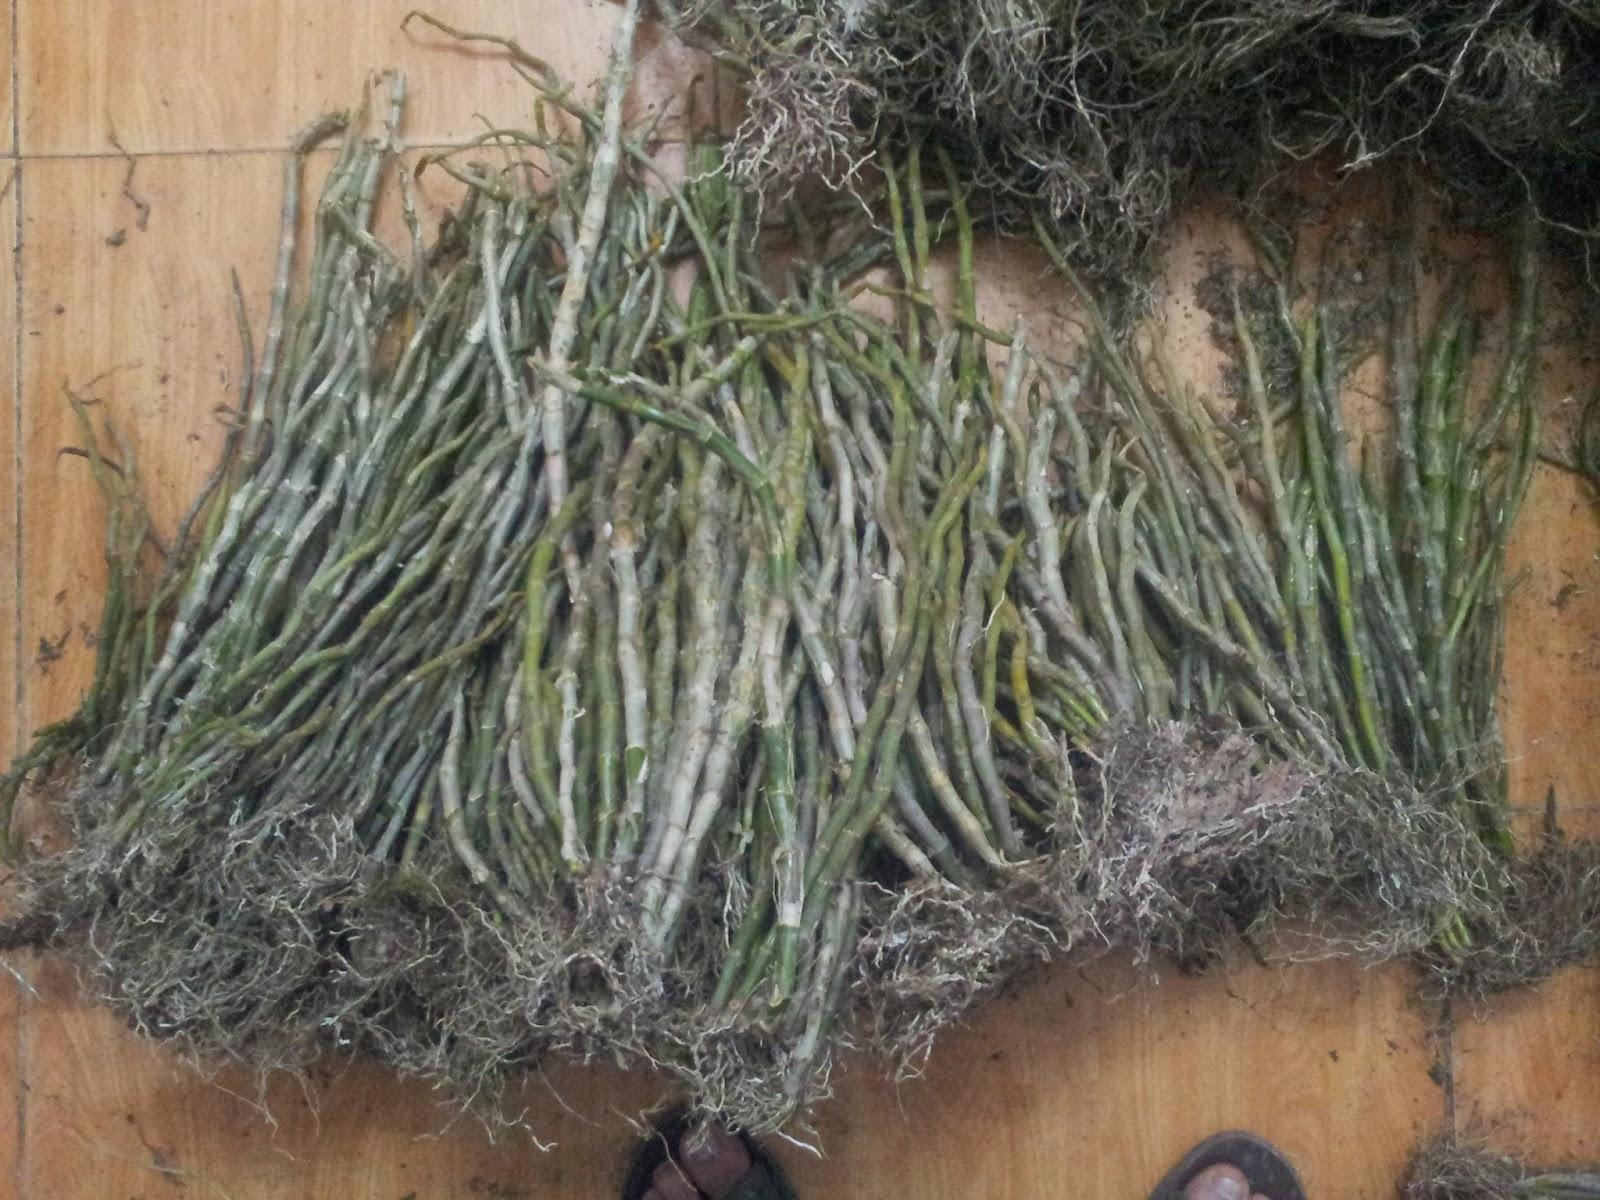 Hoàng thảo vôi dễ trồng, dễ chăm sóc